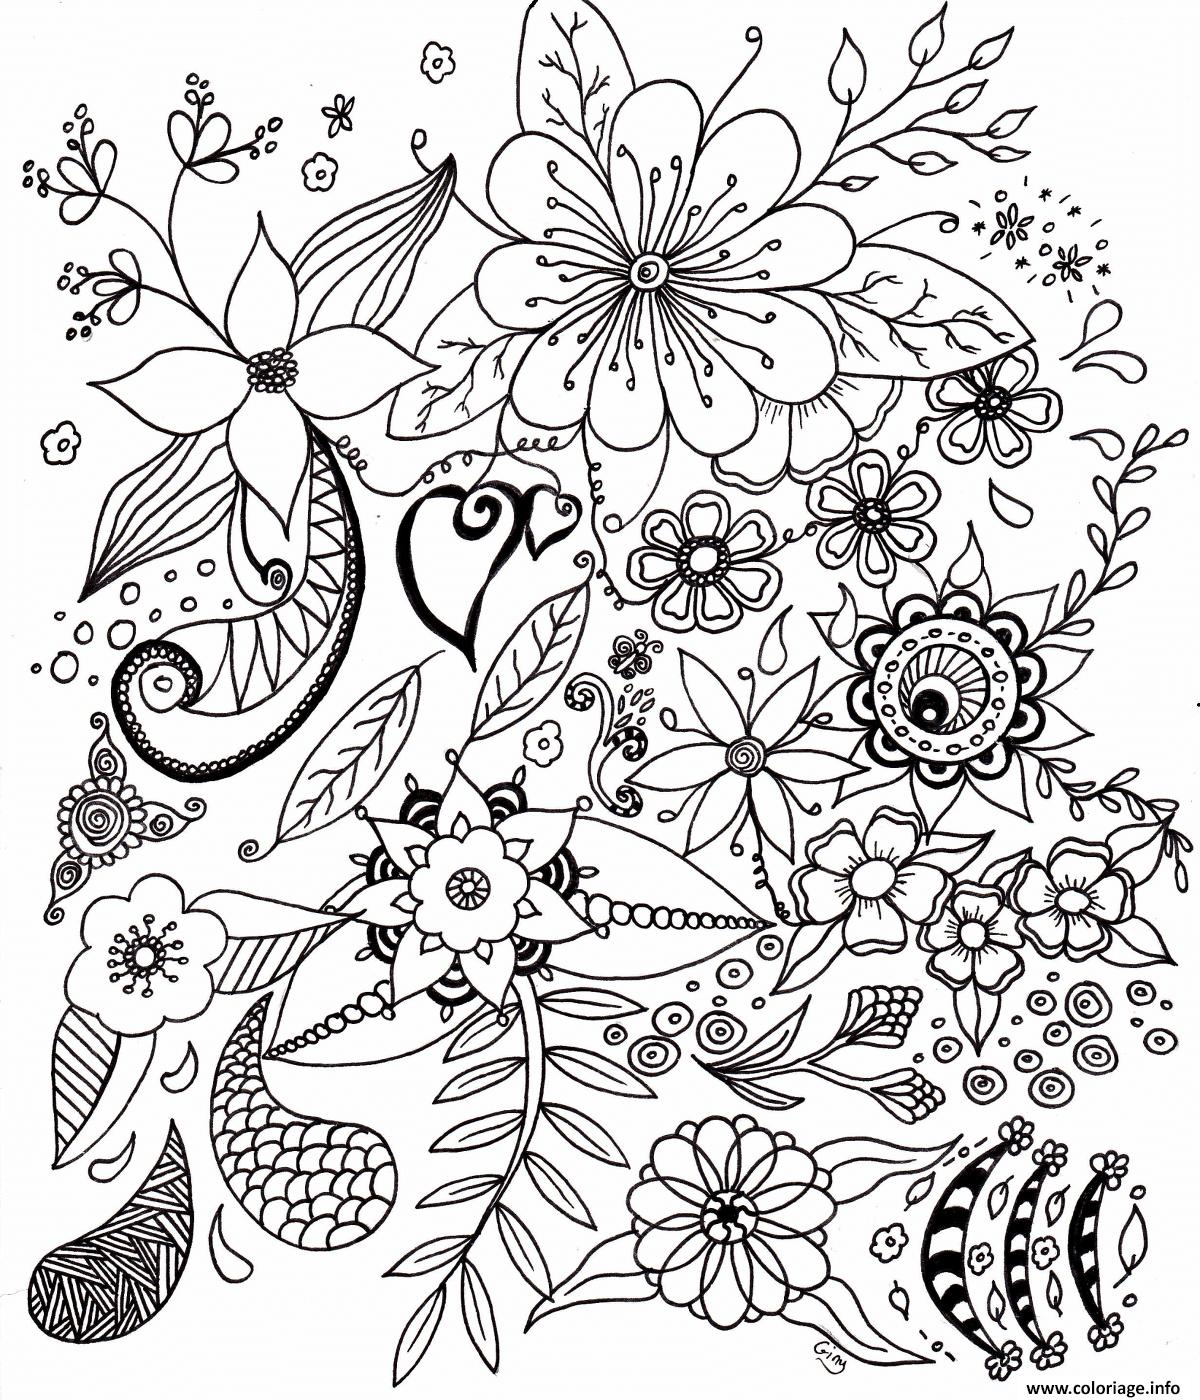 Coloriage fleurs simples pour adulte dessin - Coloriage de fleur ...